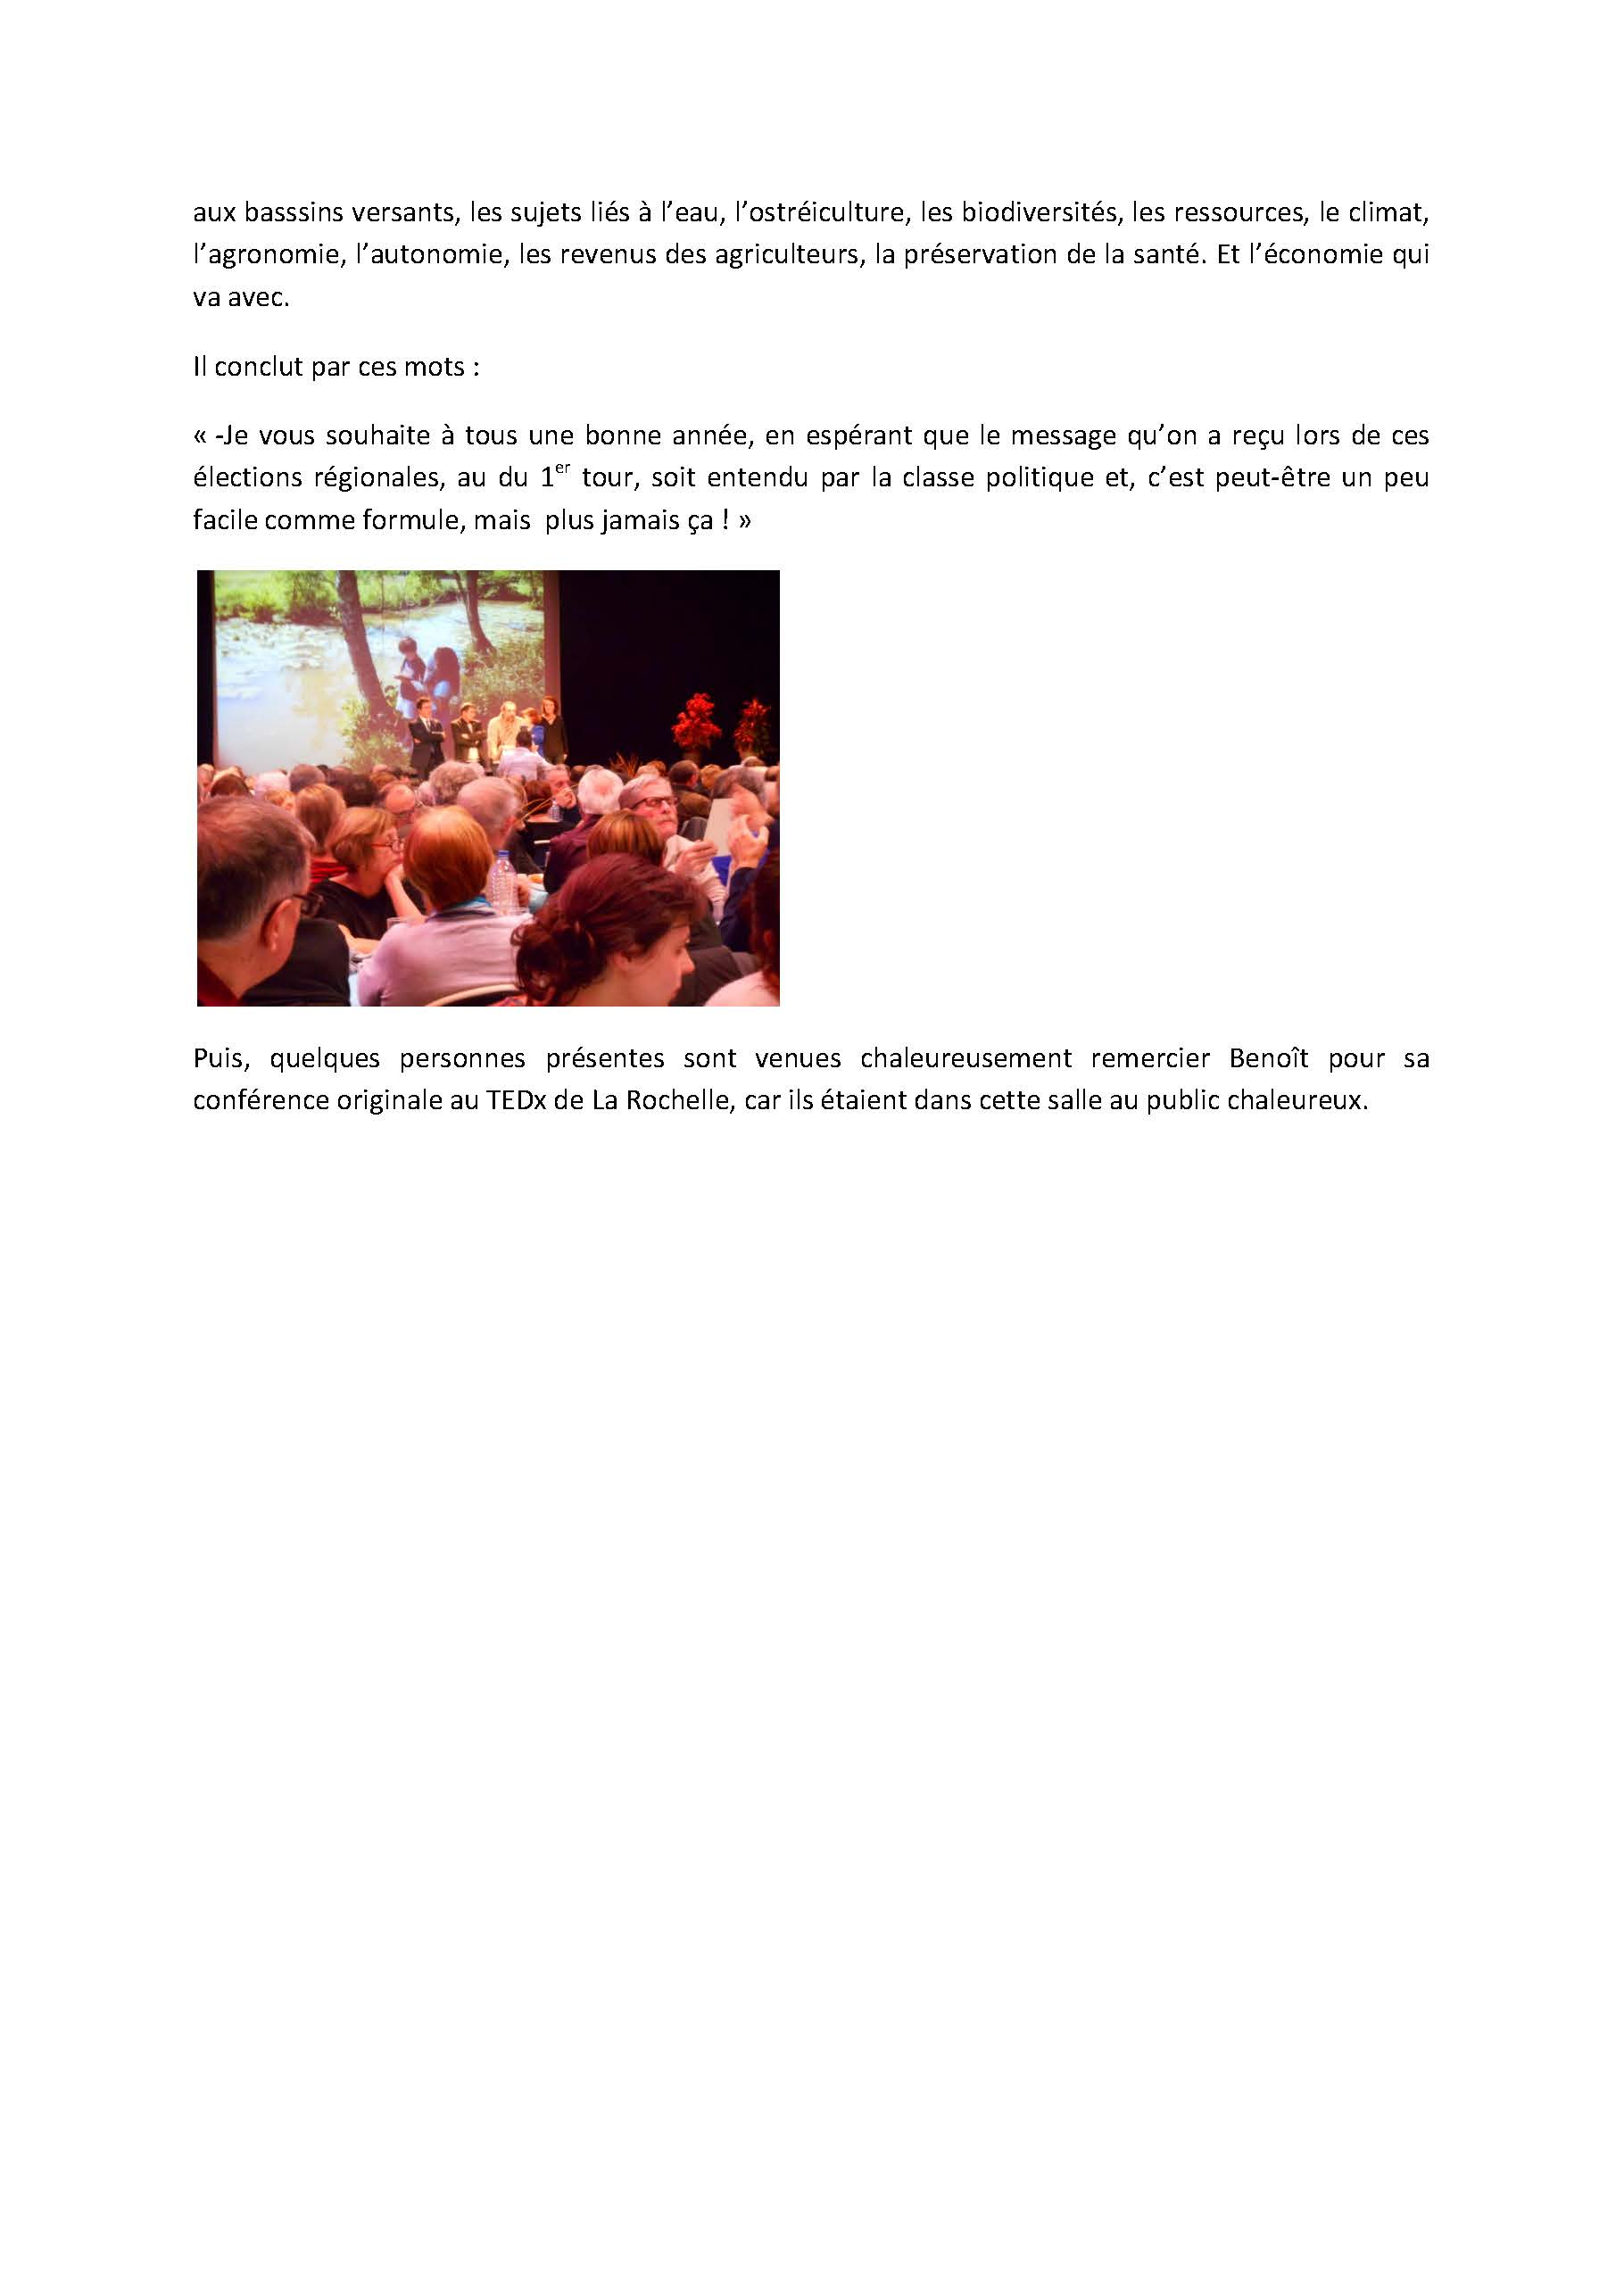 16jan16_voeux_repas_republicain_delphine_batho_et_benoit_biteau_Page_2.jpg